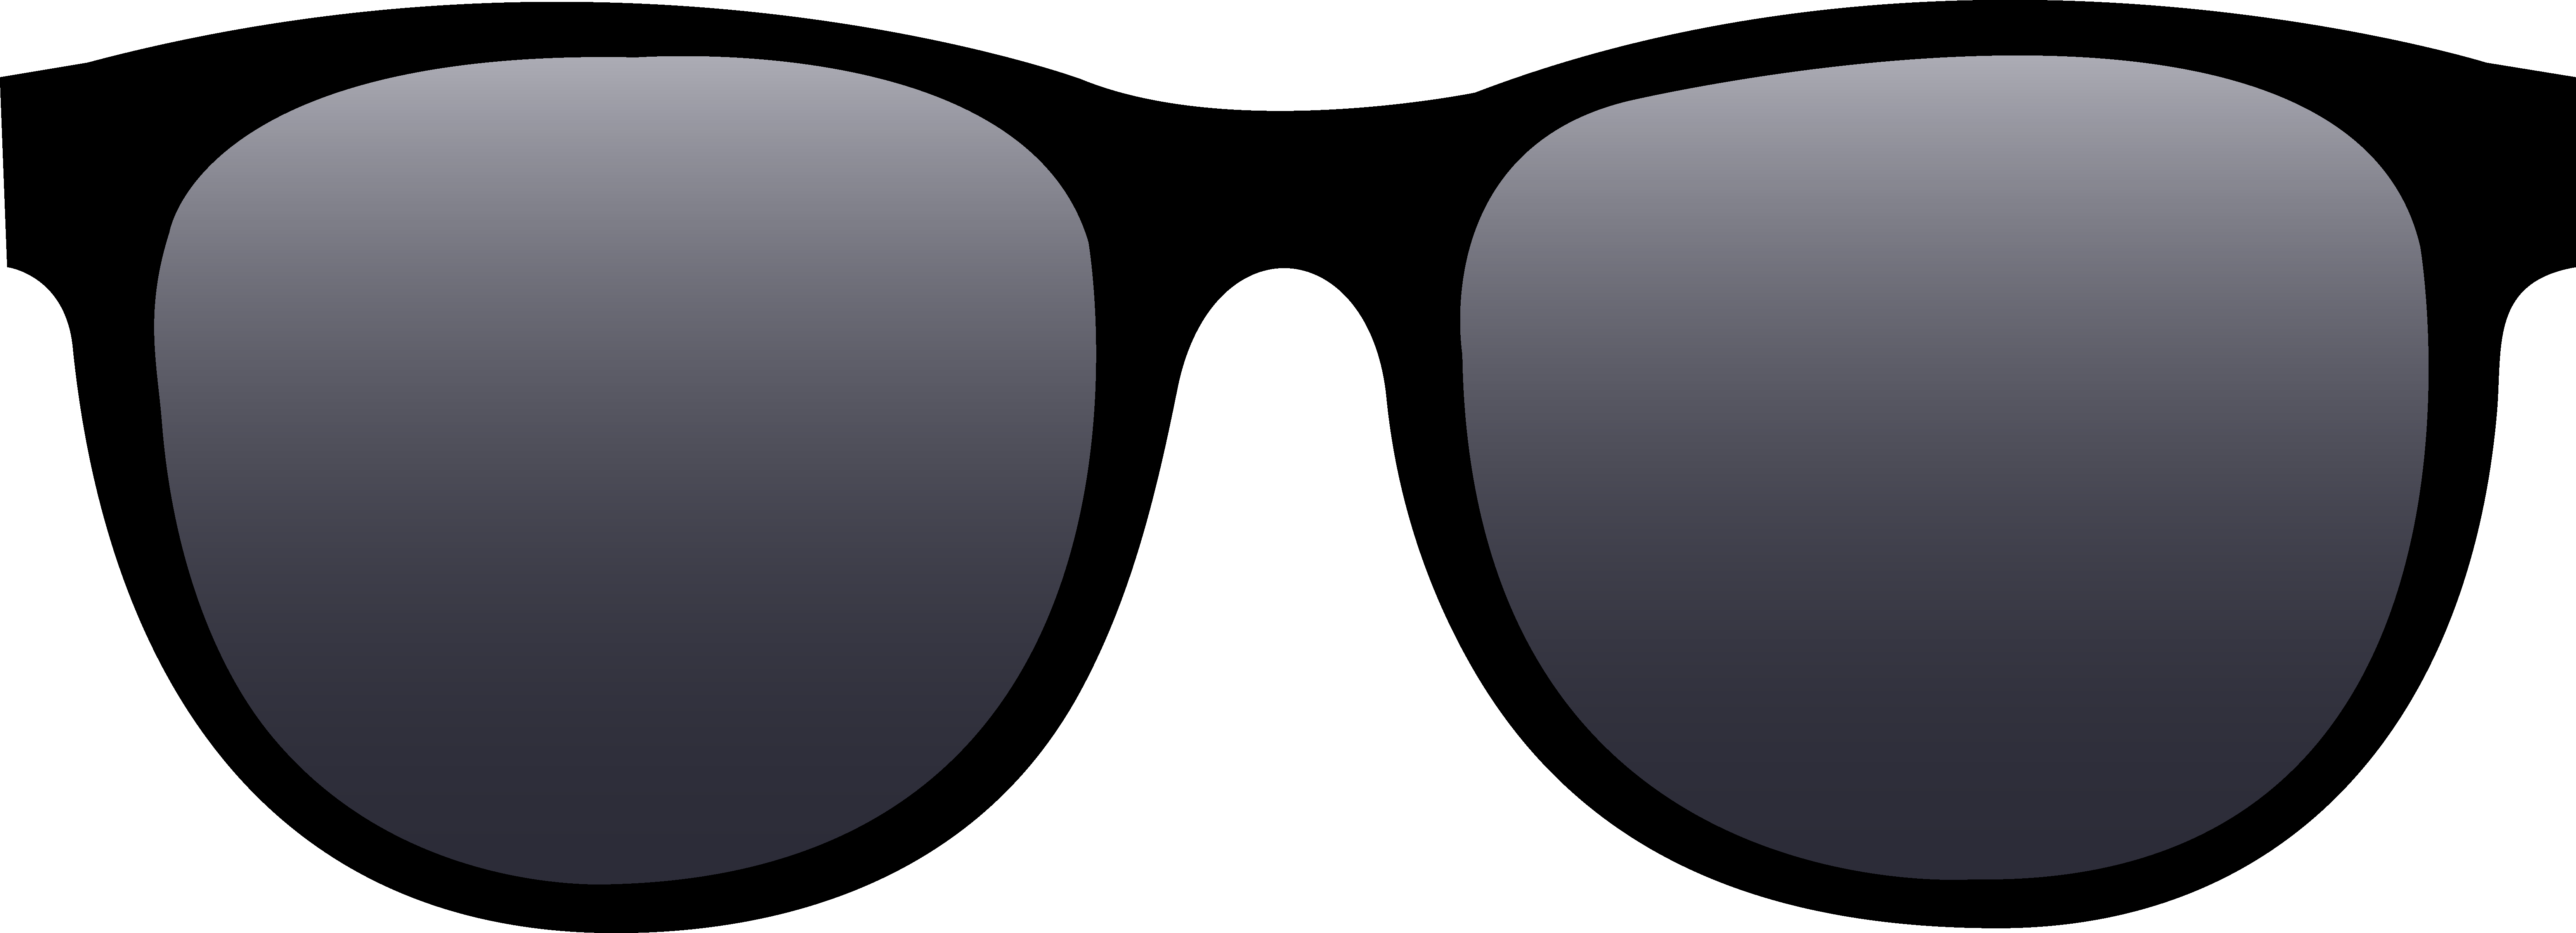 Sunglasses glasses clip art 3 clipartwiz-Sunglasses glasses clip art 3 clipartwiz-6